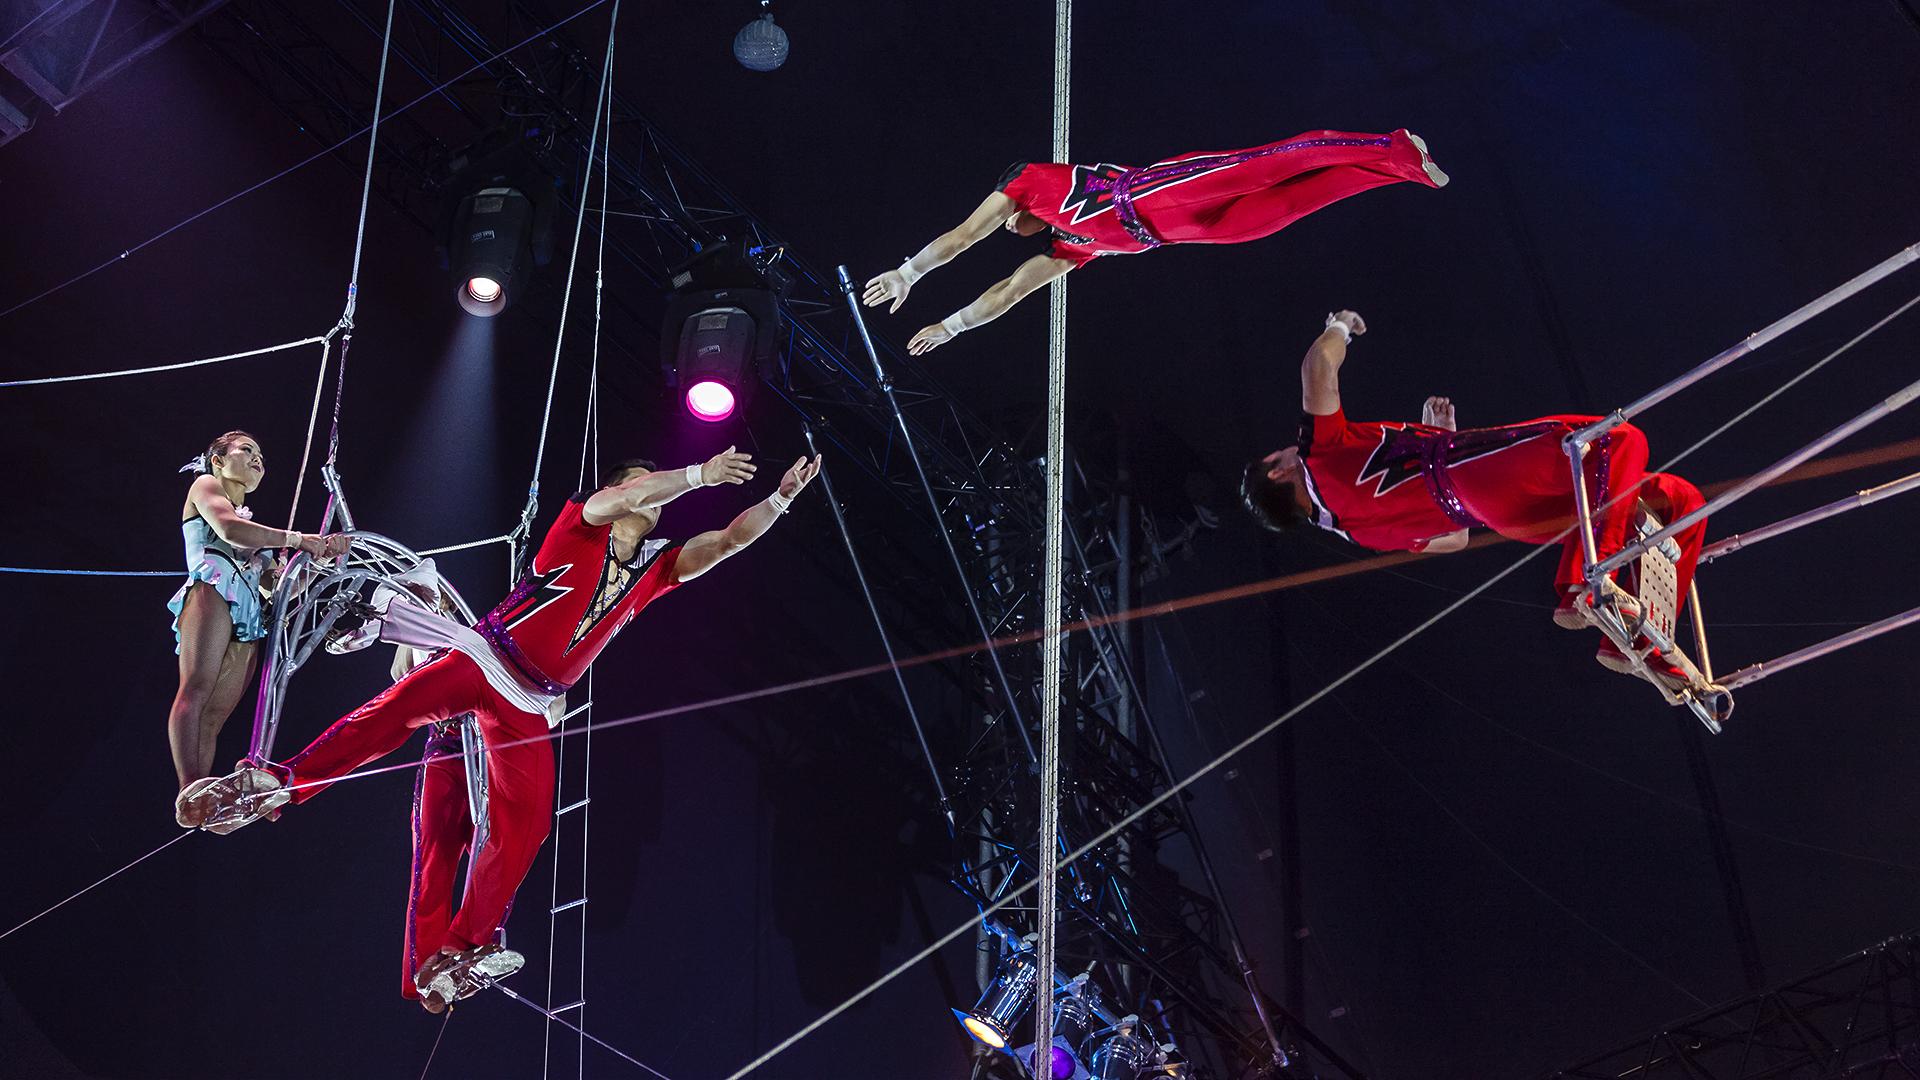 nationalcircus pjÖngjang (3) foto & bild | circus, zirkus